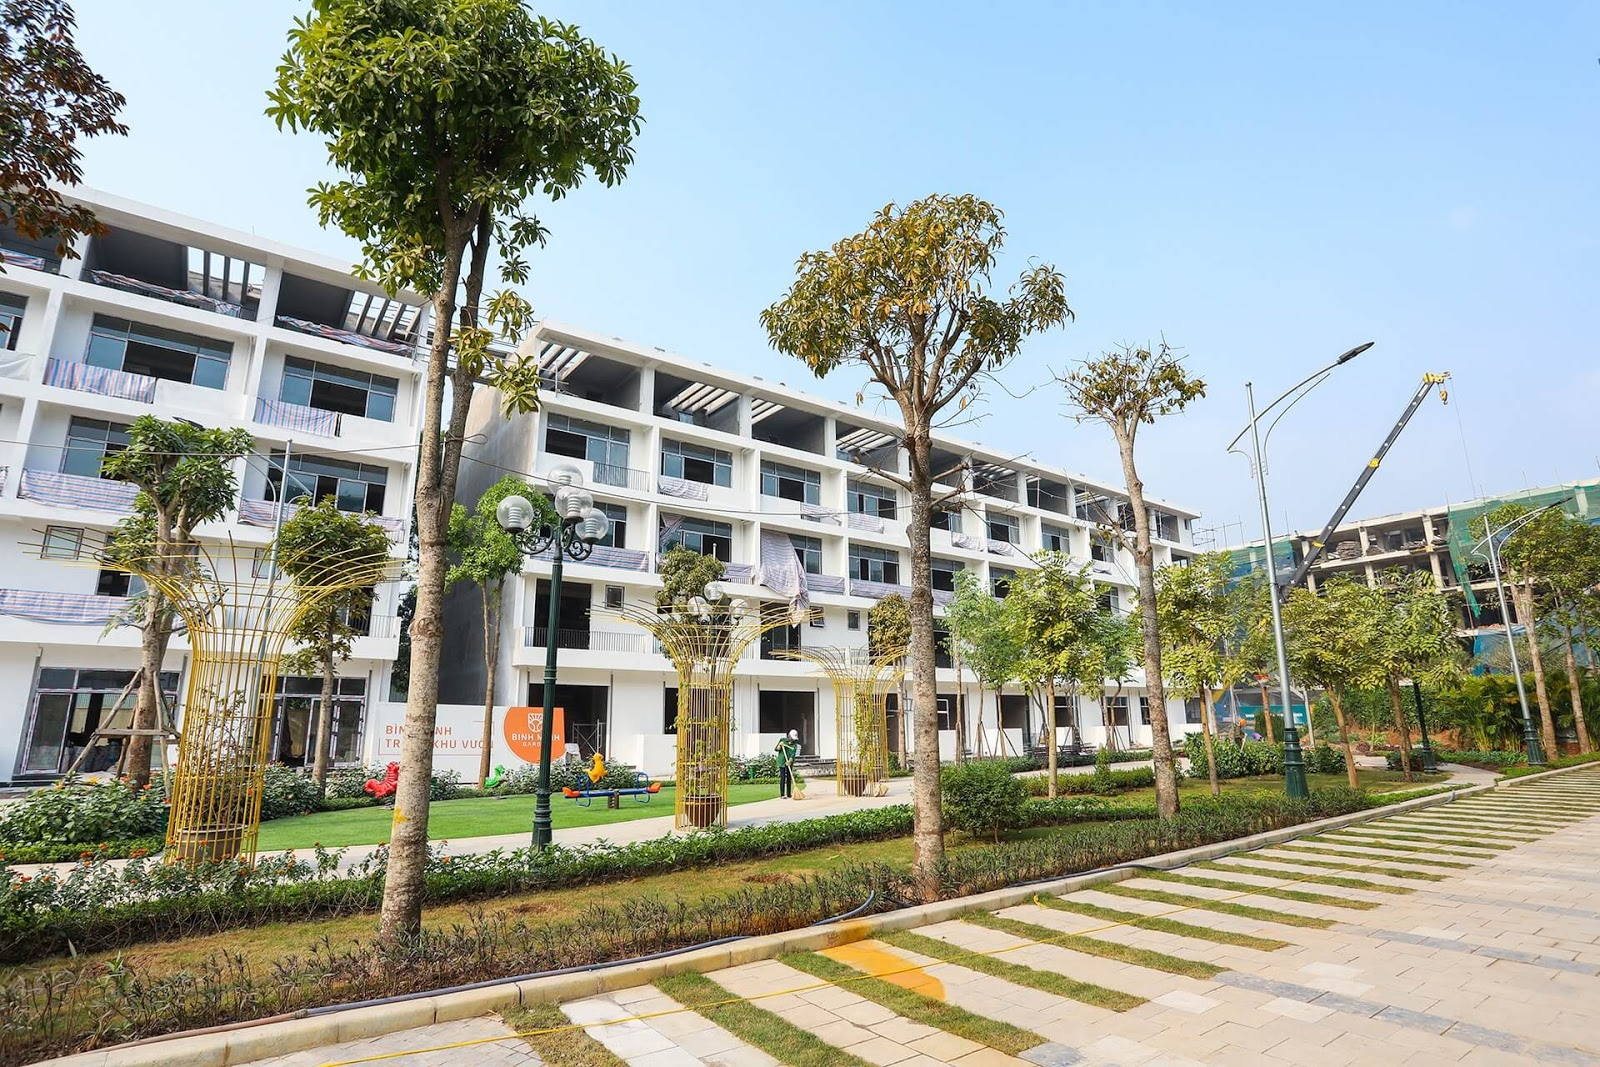 Tiến độ Bình Minh Garden đã hoàn thiện 99% tính đến tháng 5 năm 2020!